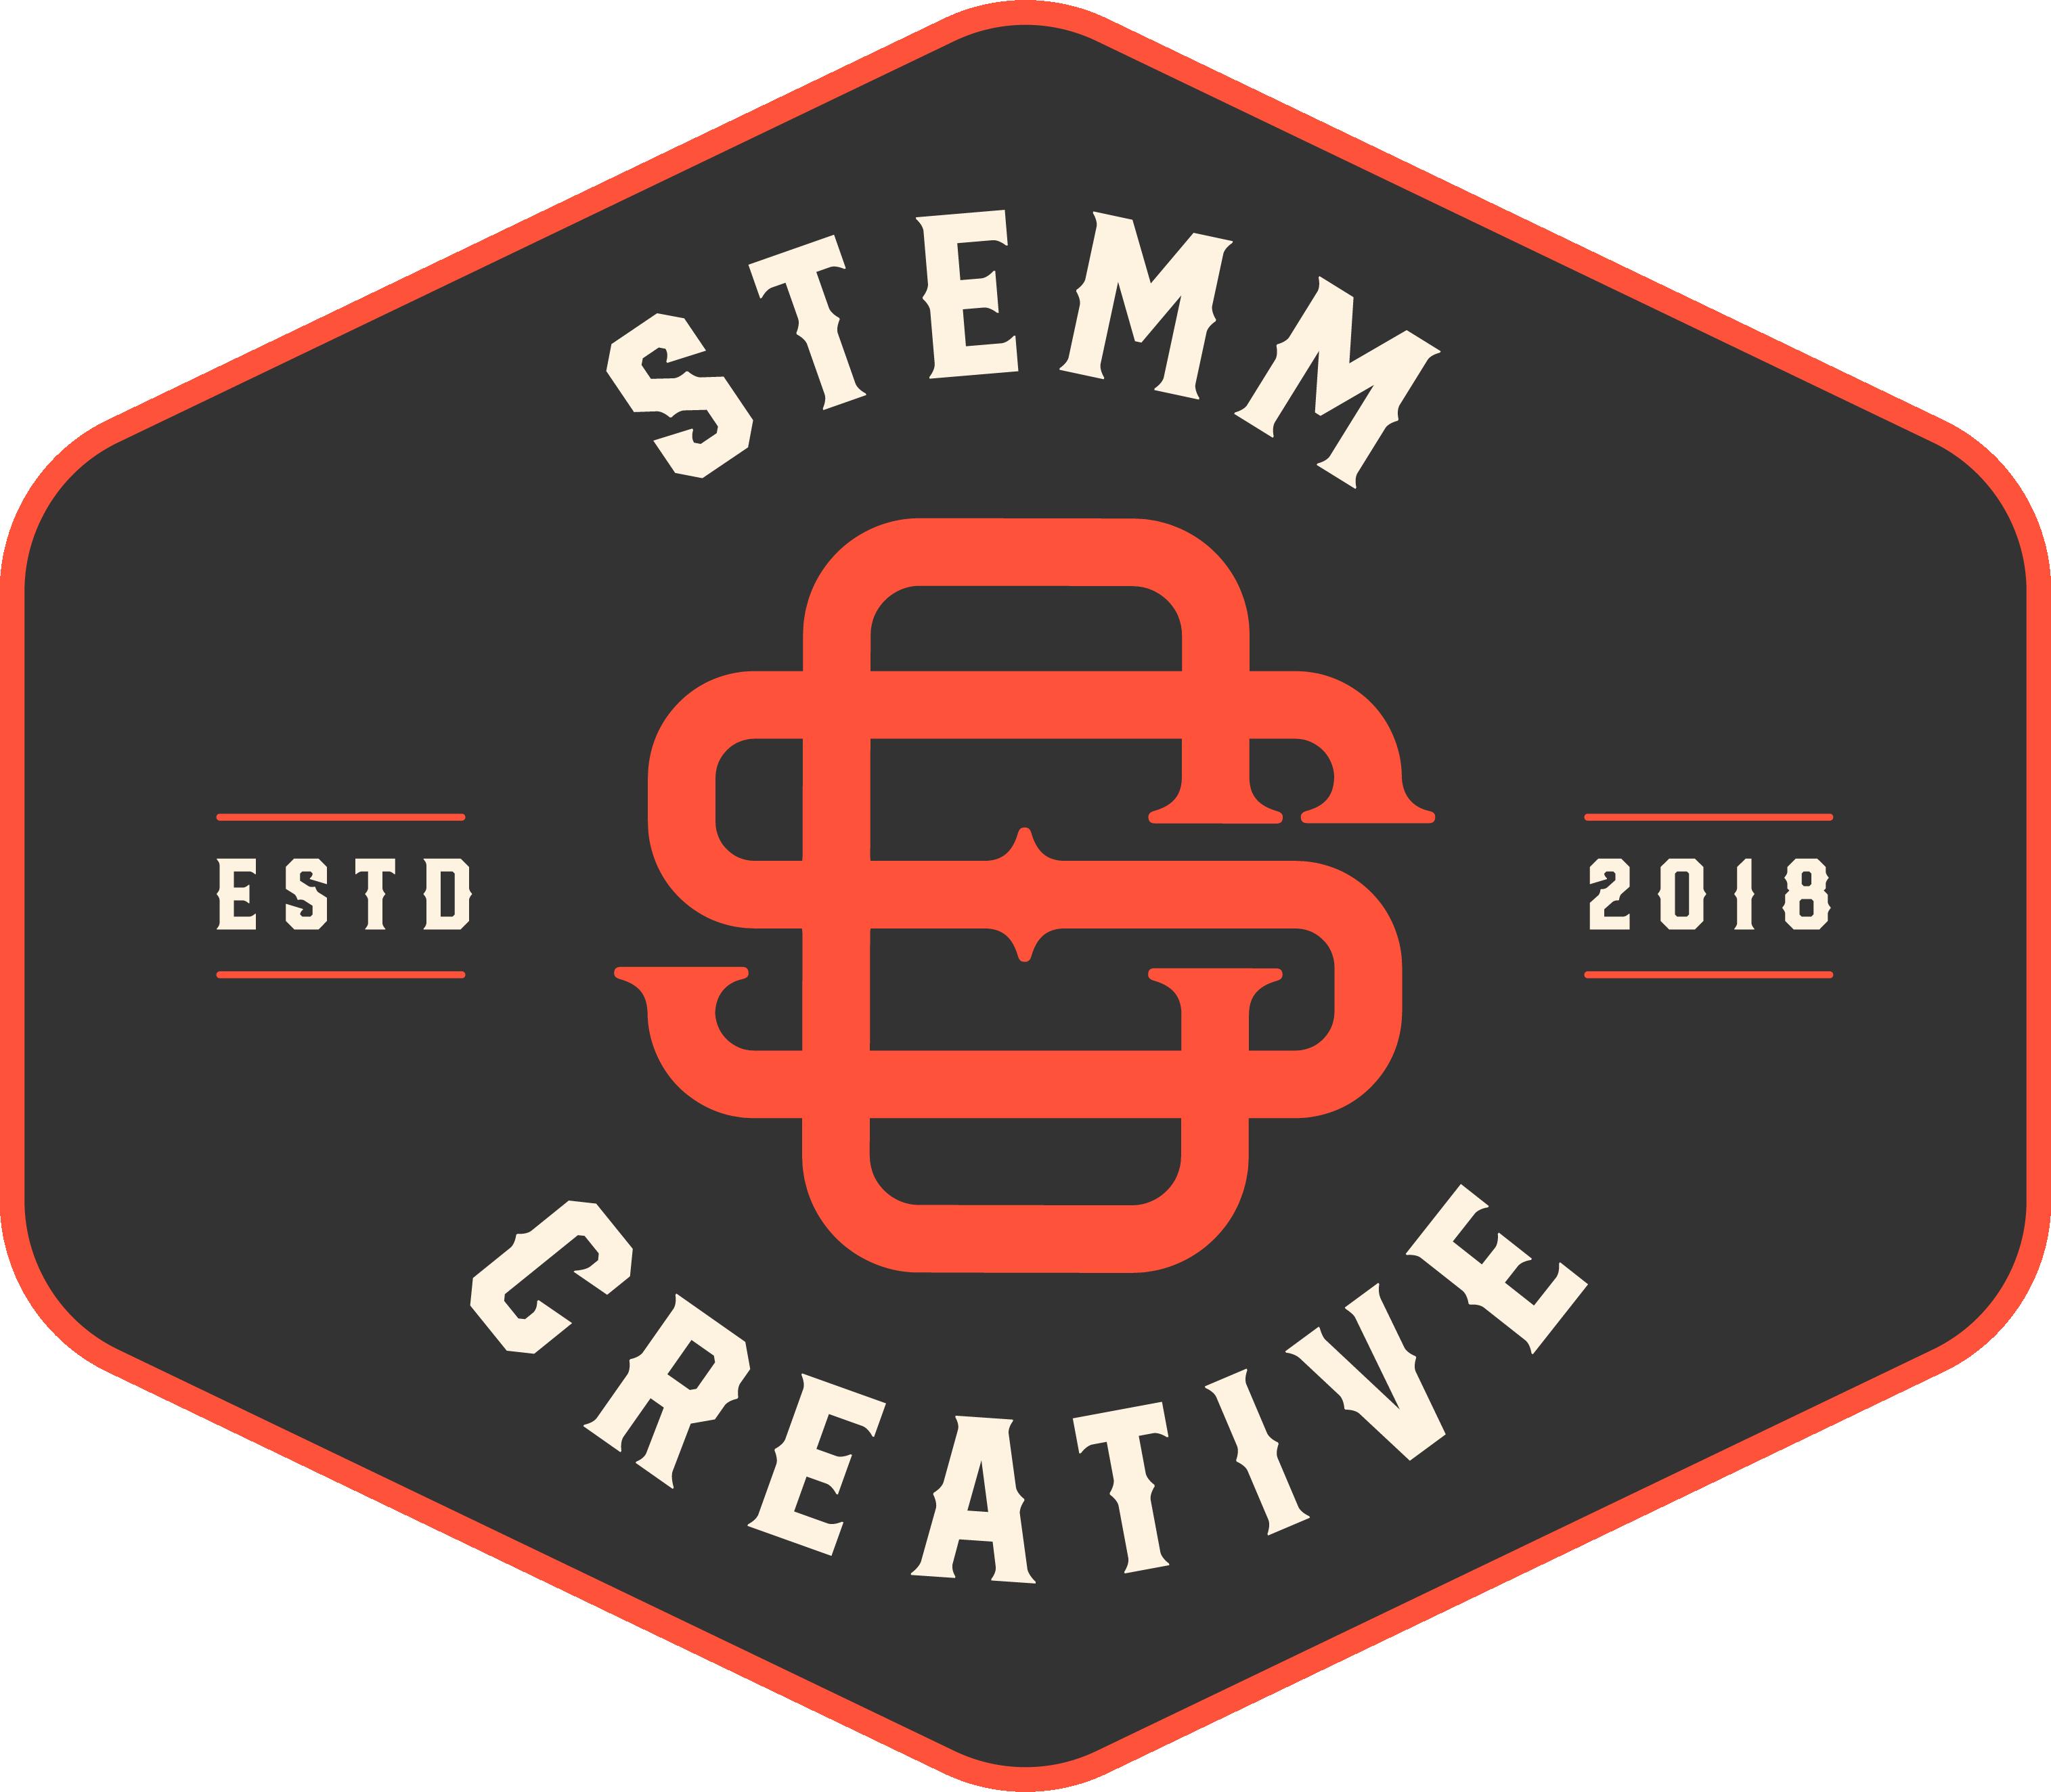 StemmCreative.net